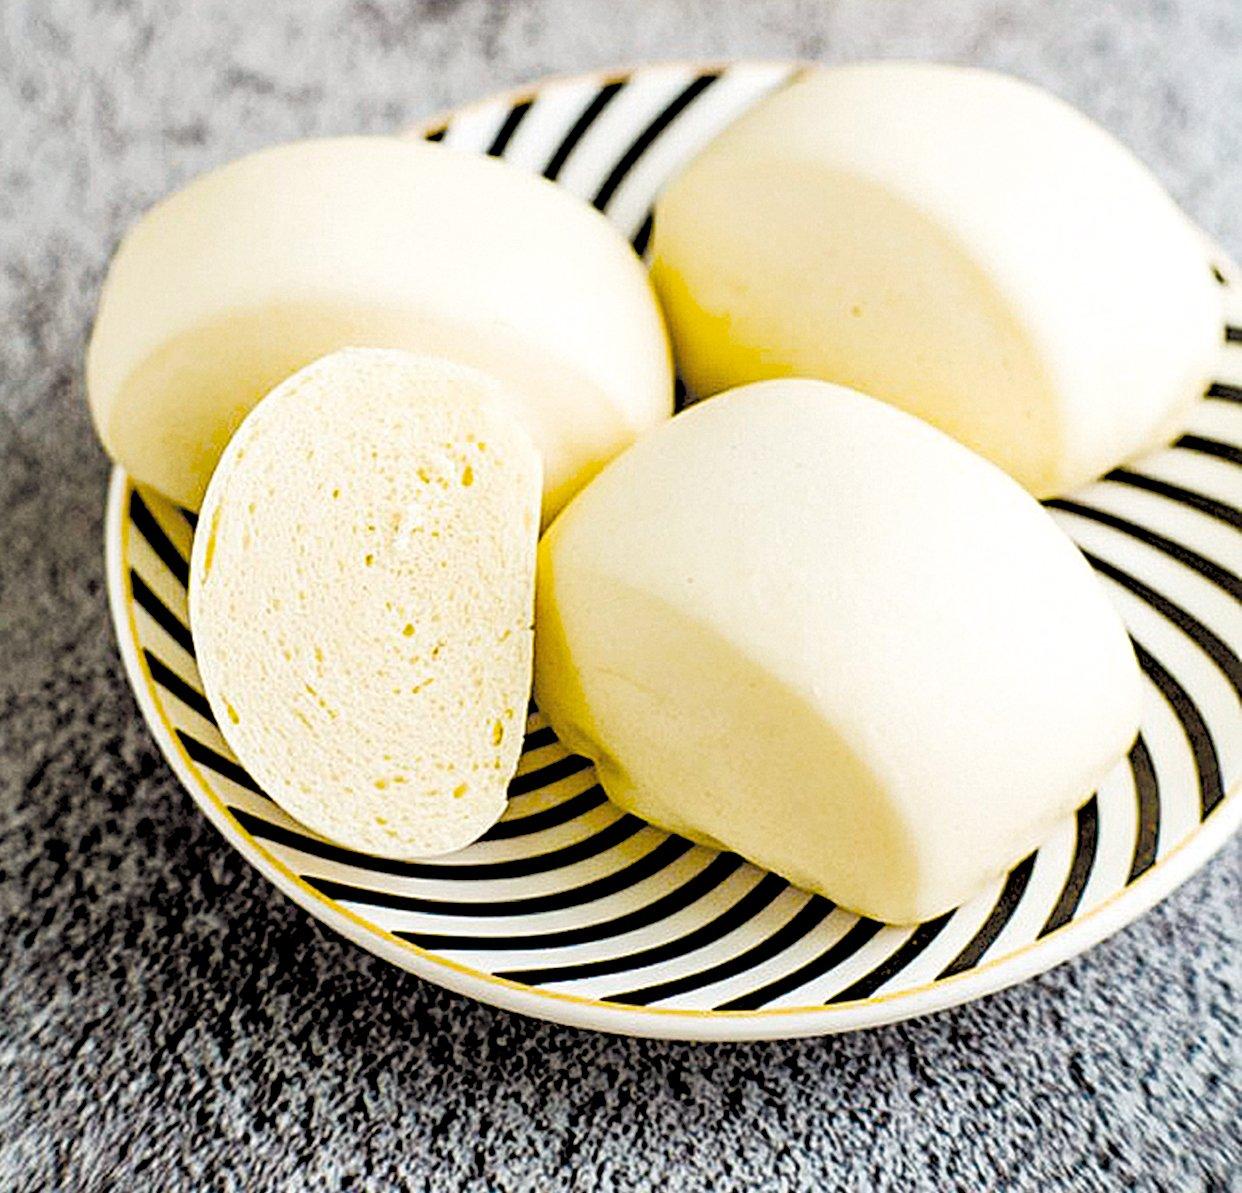 鬆軟綿密的山東饅頭,是很多台灣60多歲長者小時候的回憶。